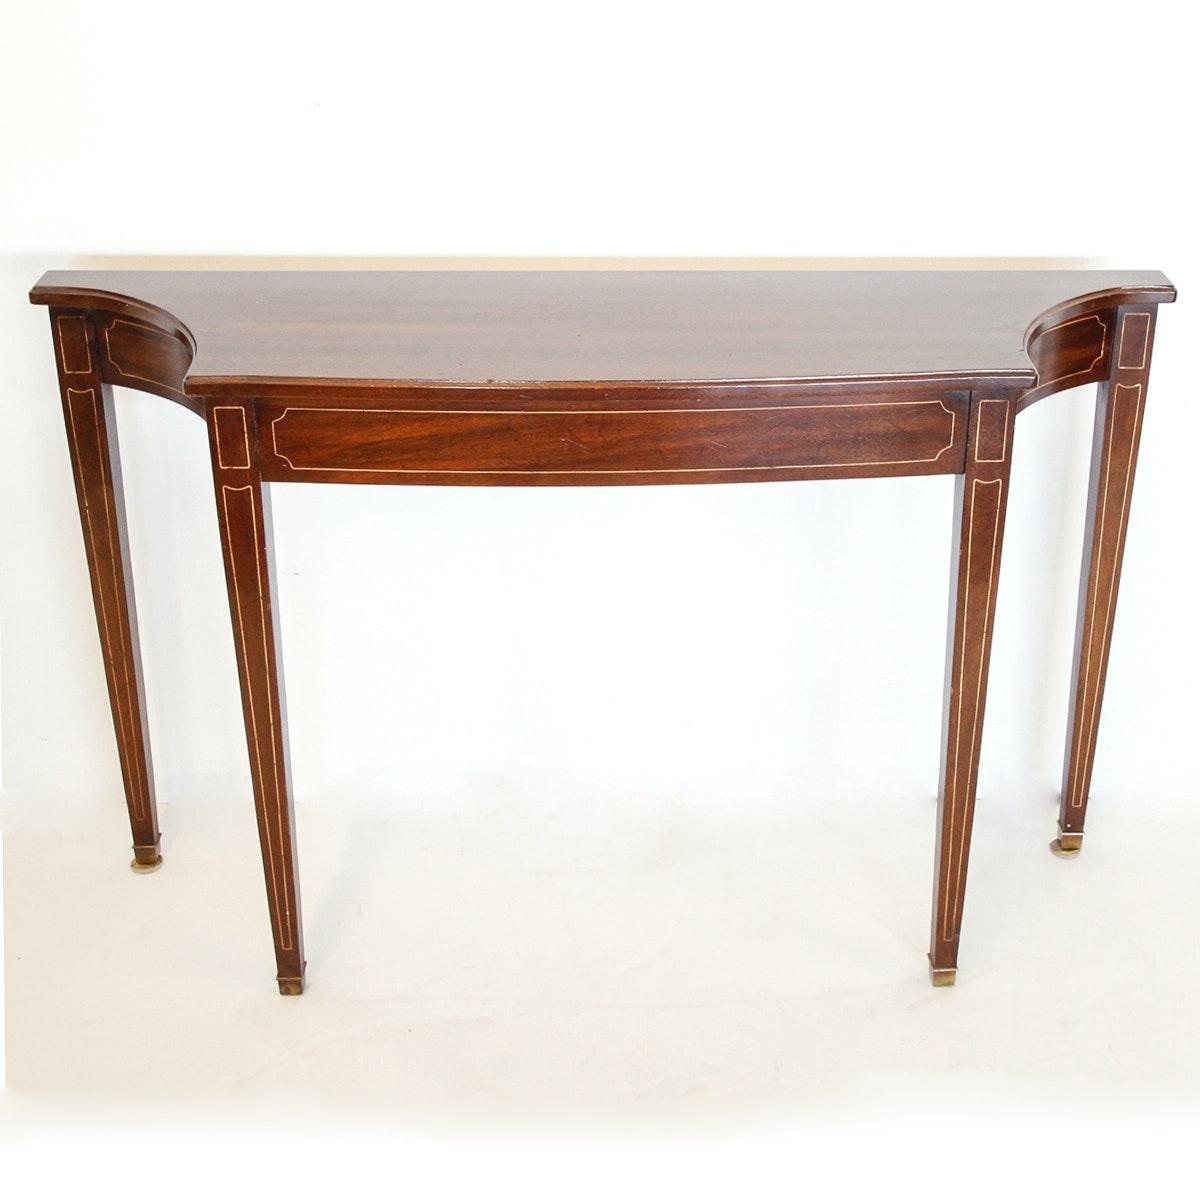 Davis Cabinet Company Inlaid Mahogany Console Table